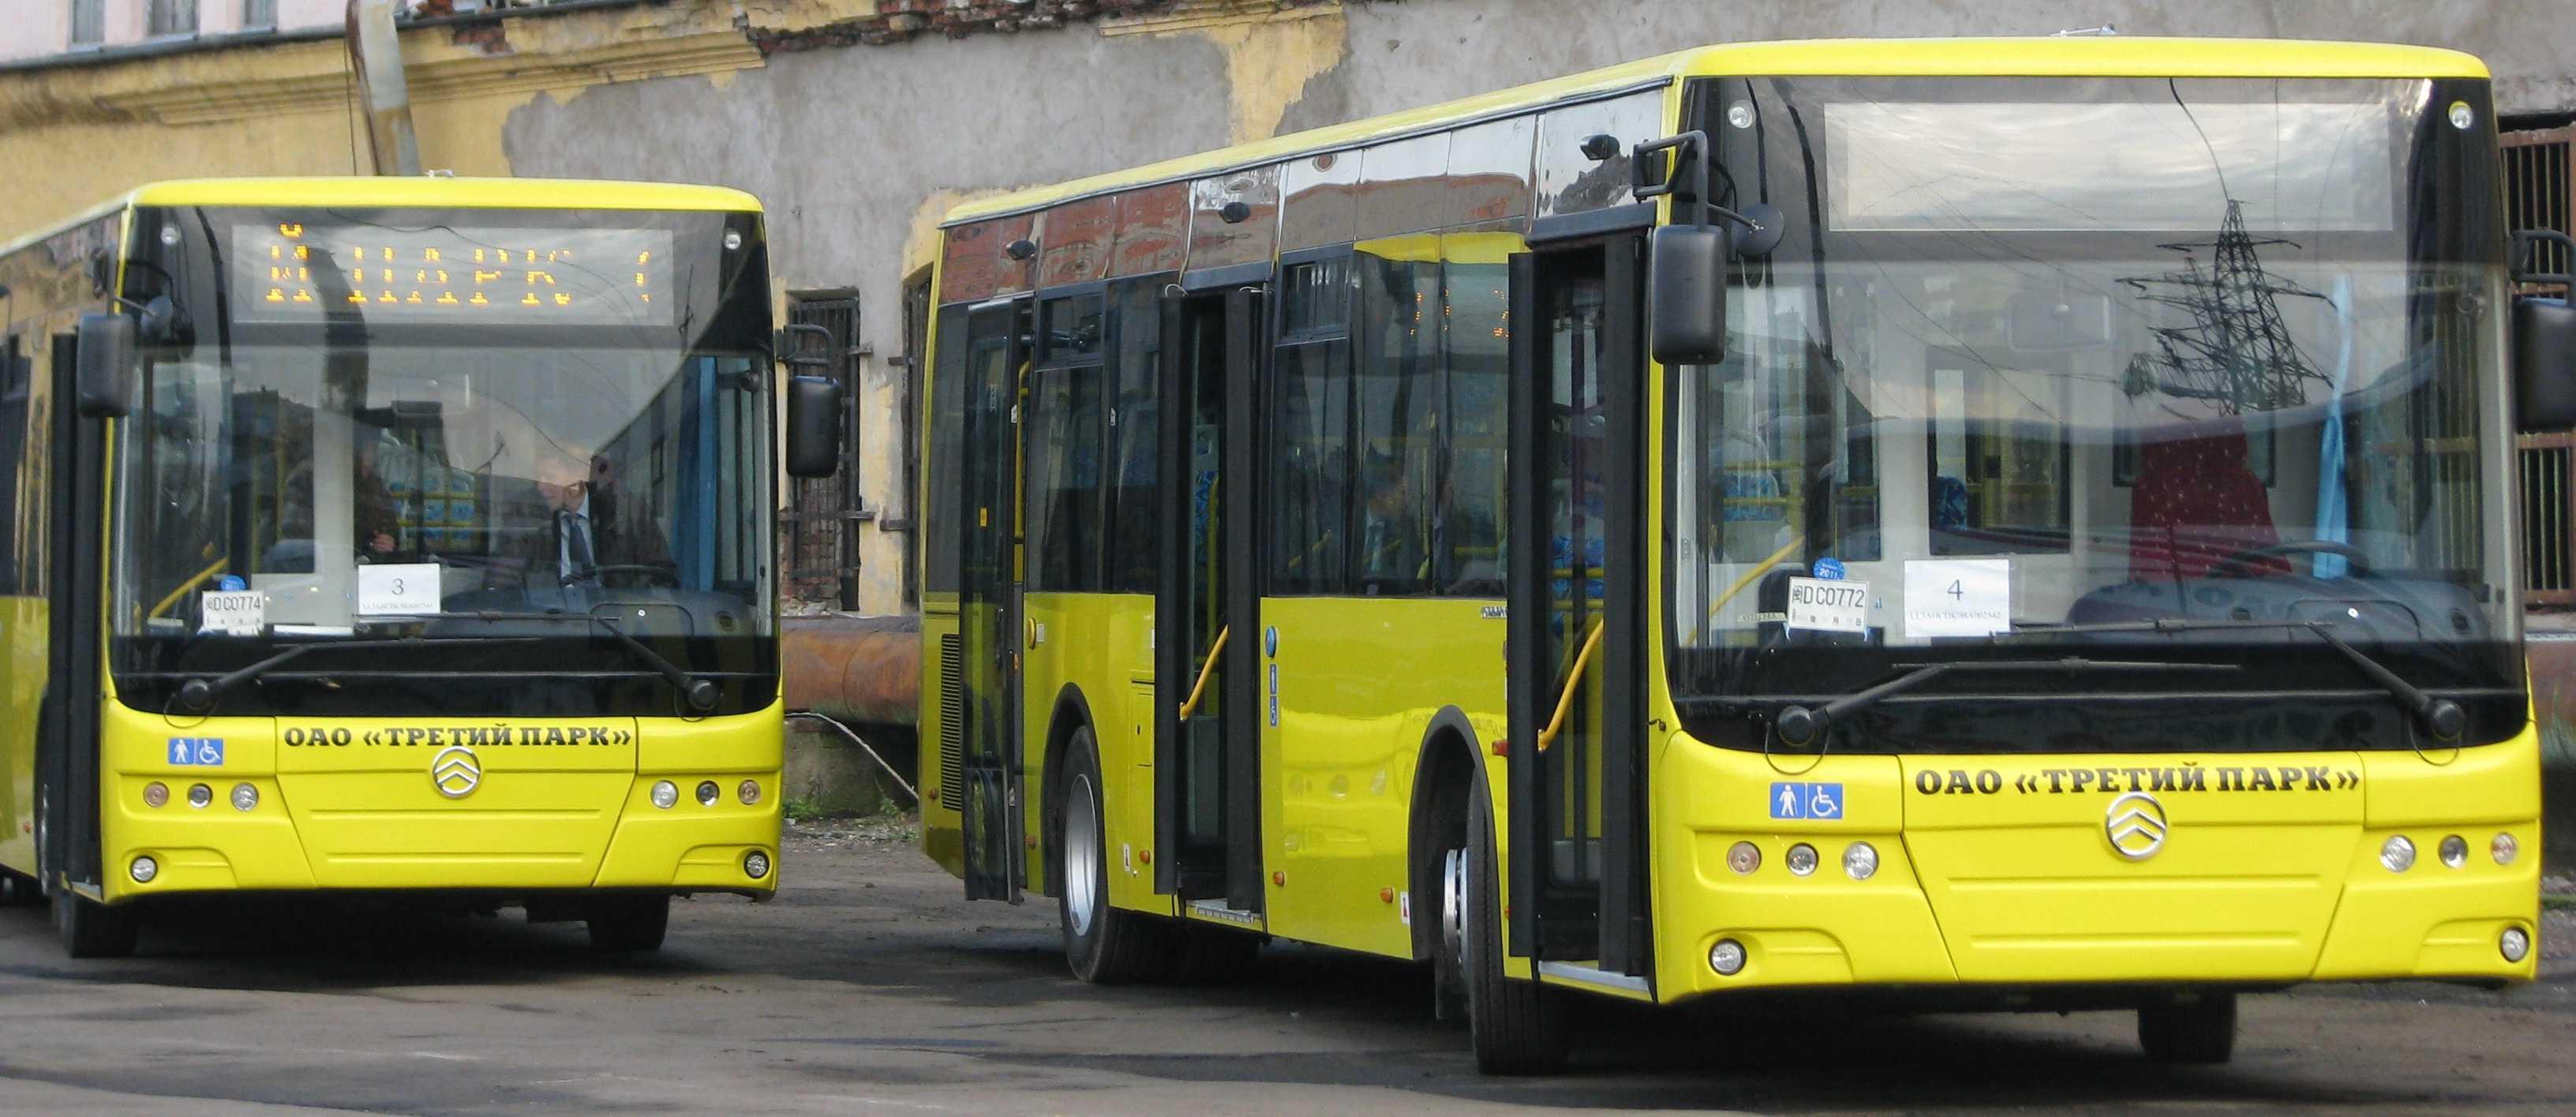 Bus_3park_1